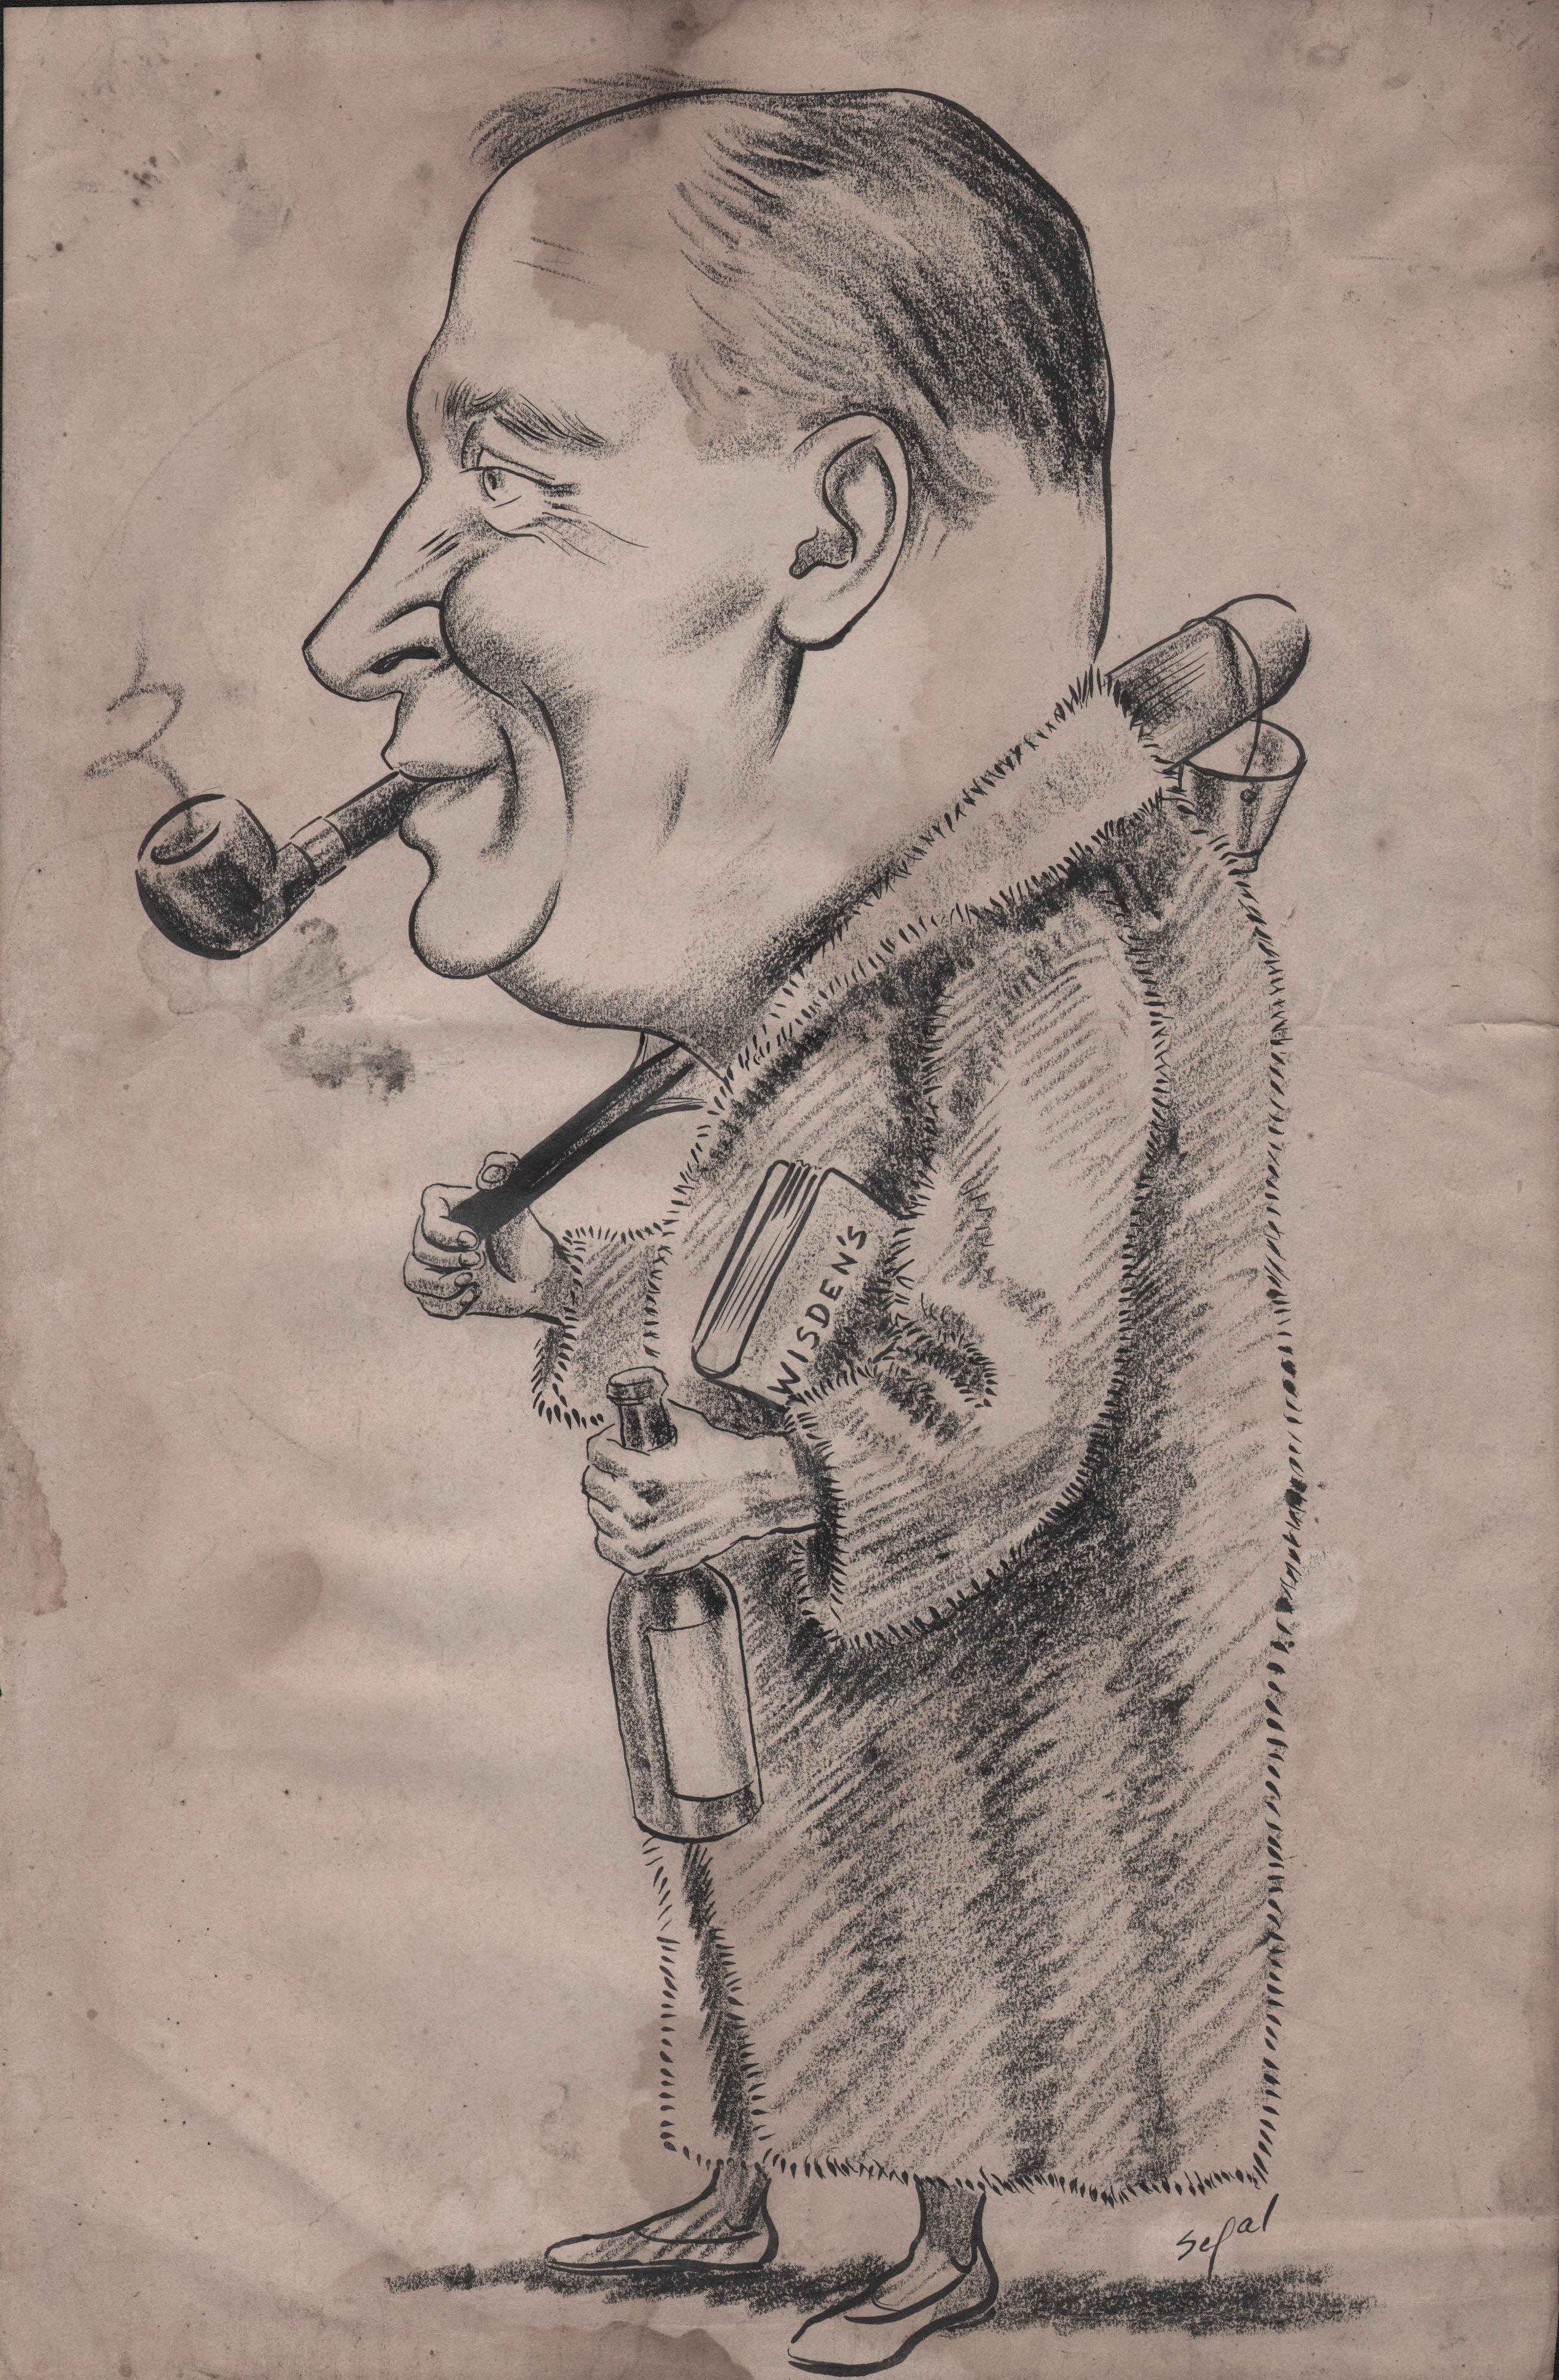 Hyman Segal